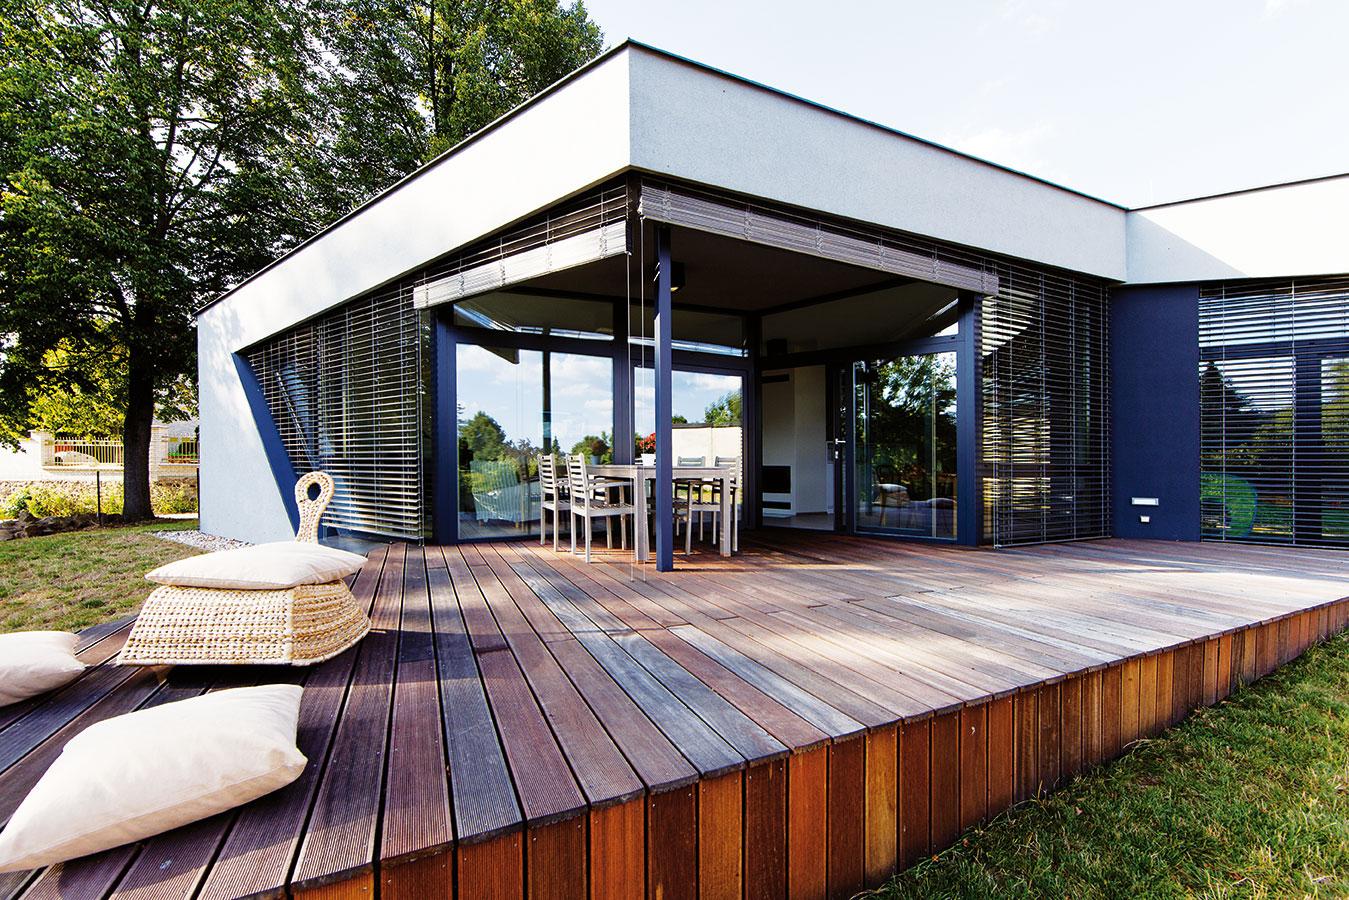 Pobytová terasa je důmyslně ukrytá za clonou žaluzií – funguje téměř za jakéhokoli počasí. FOTO JIŘÍ VANĚK